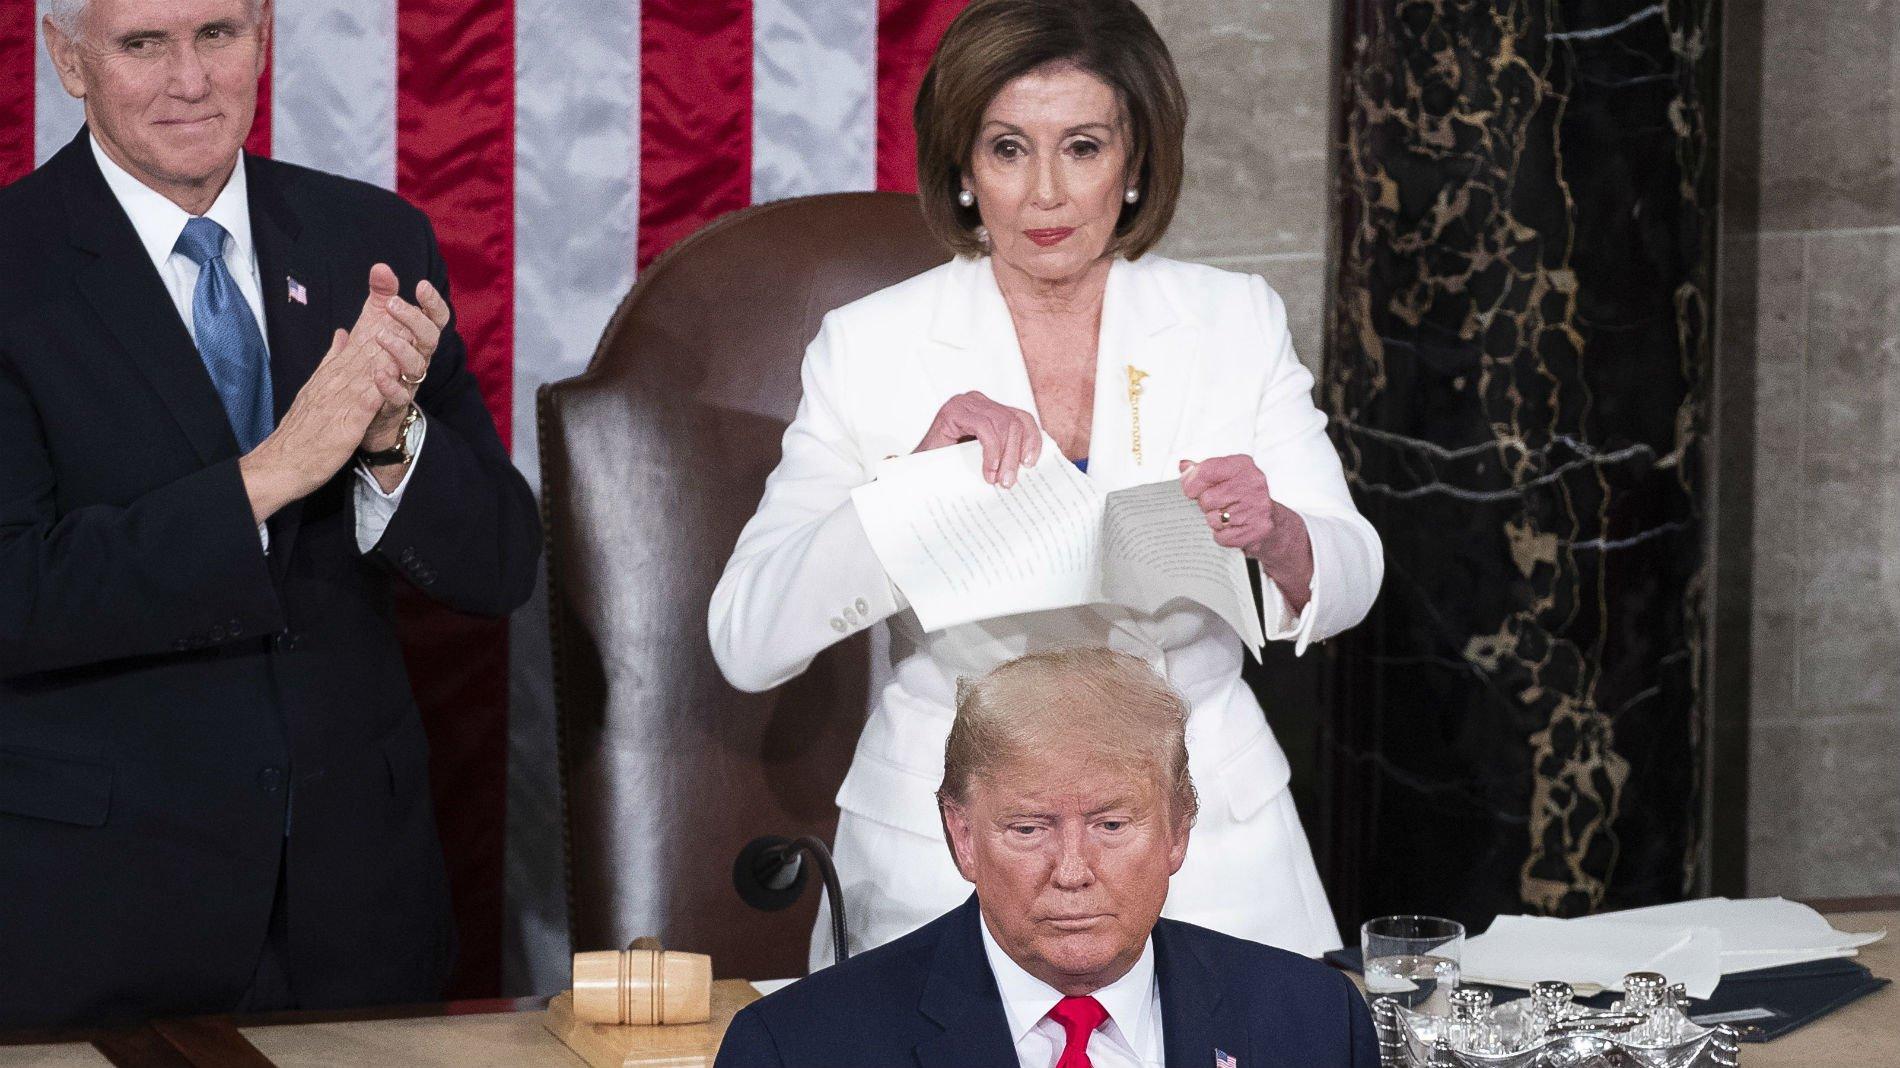 Nancy Pelosi rompe el discurso del presidente, Donald Trump